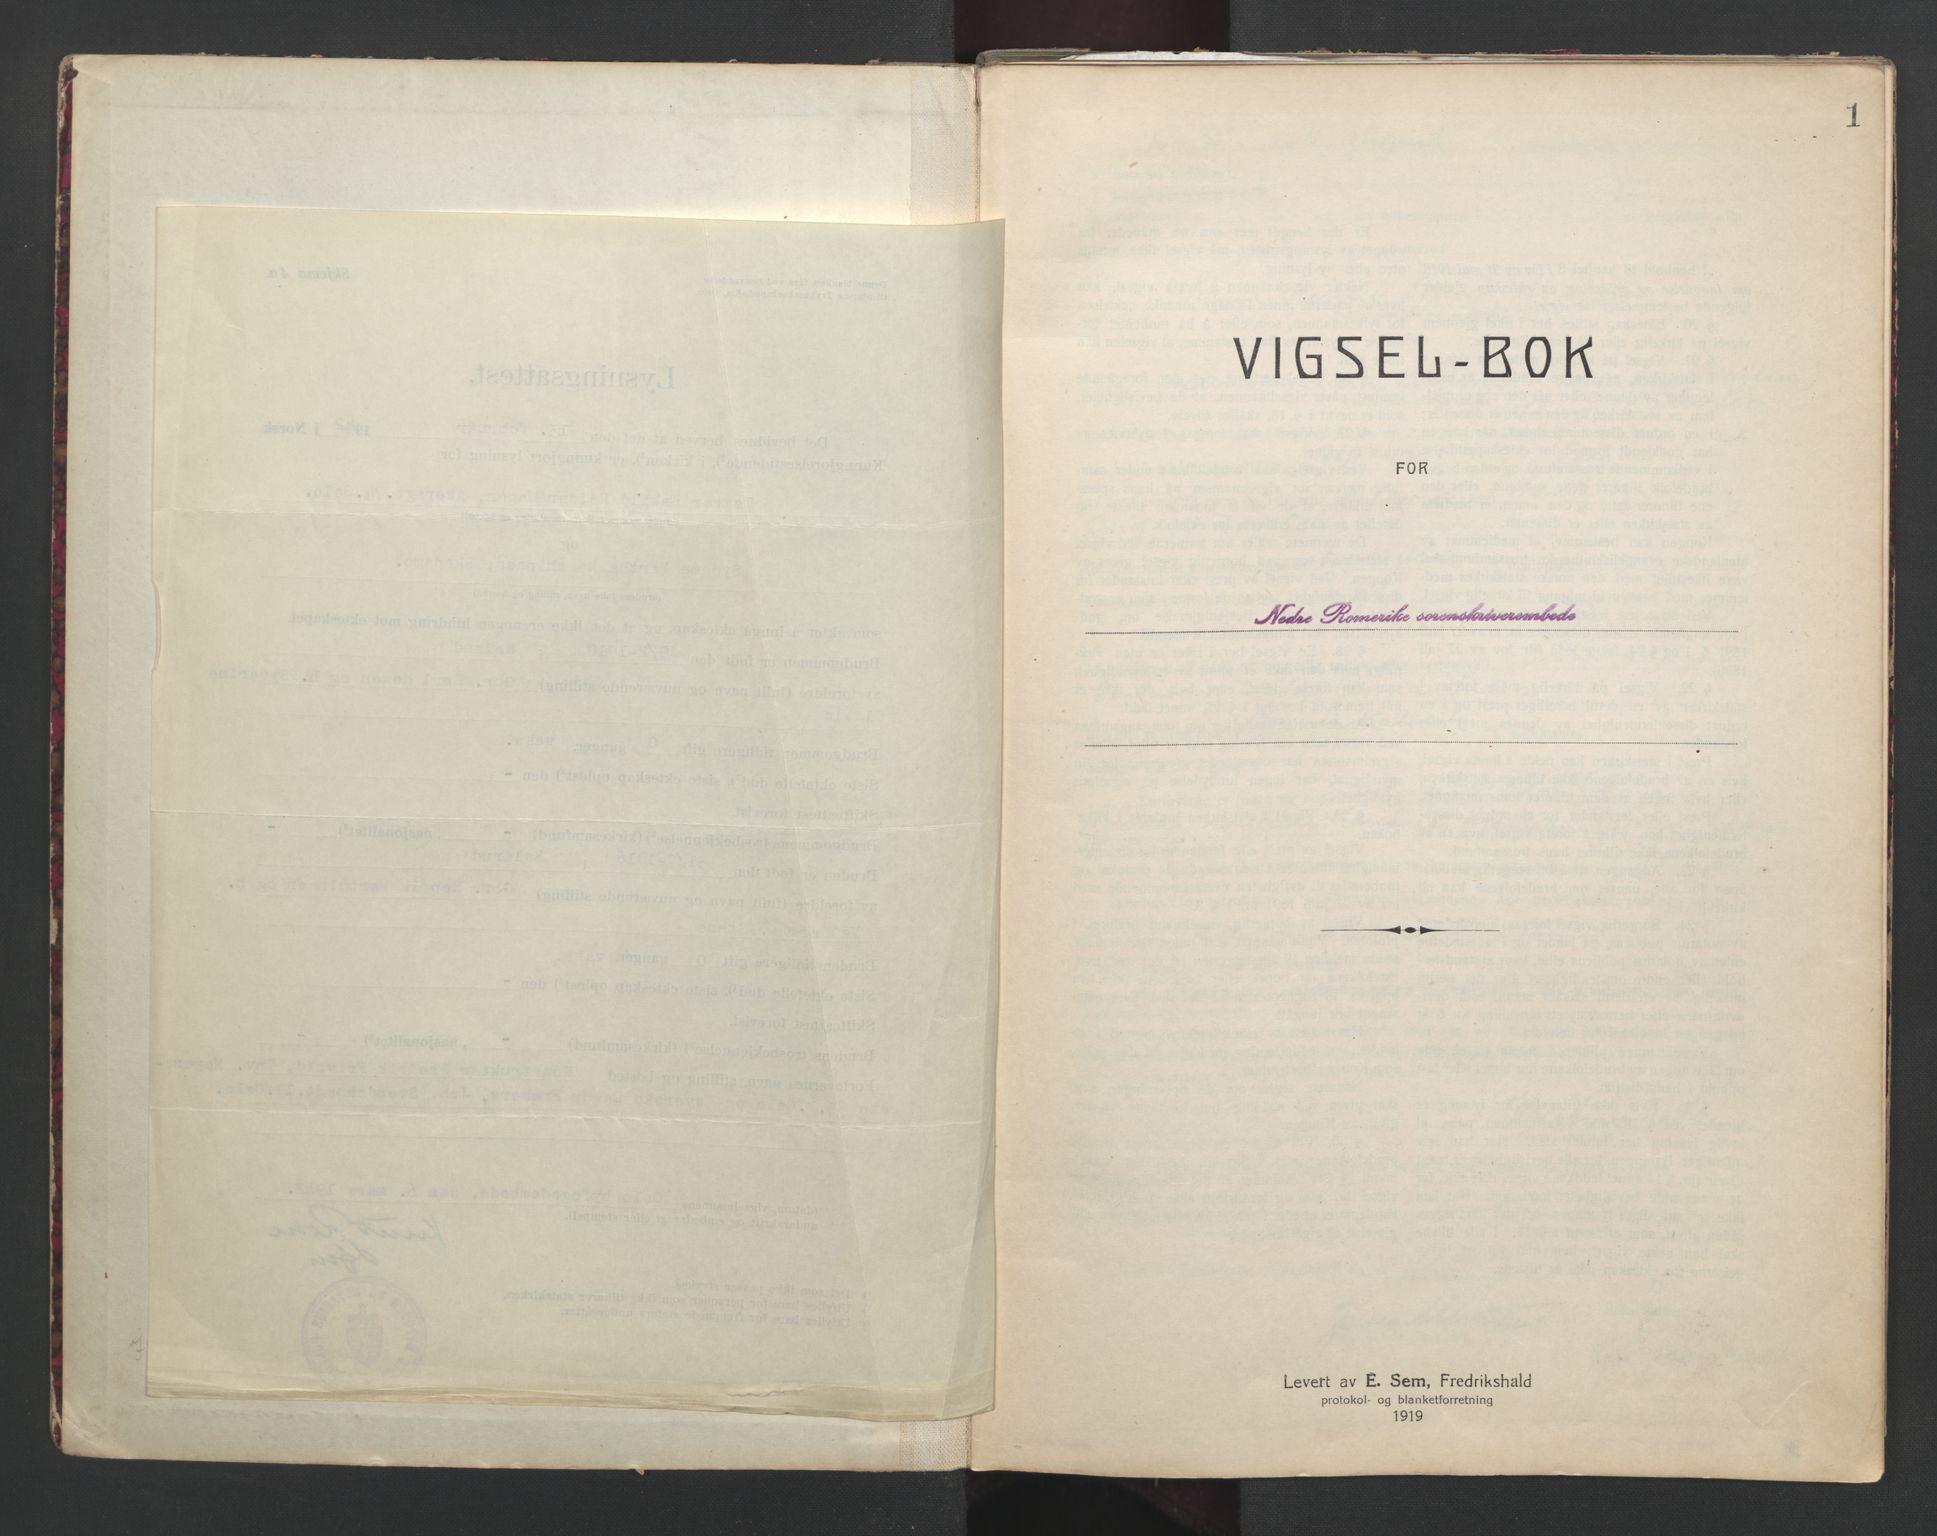 SAO, Nedre Romerike sorenskriveri, L/Lb/L0002: Vigselsbok - borgerlige vielser, 1935-1942, s. 1